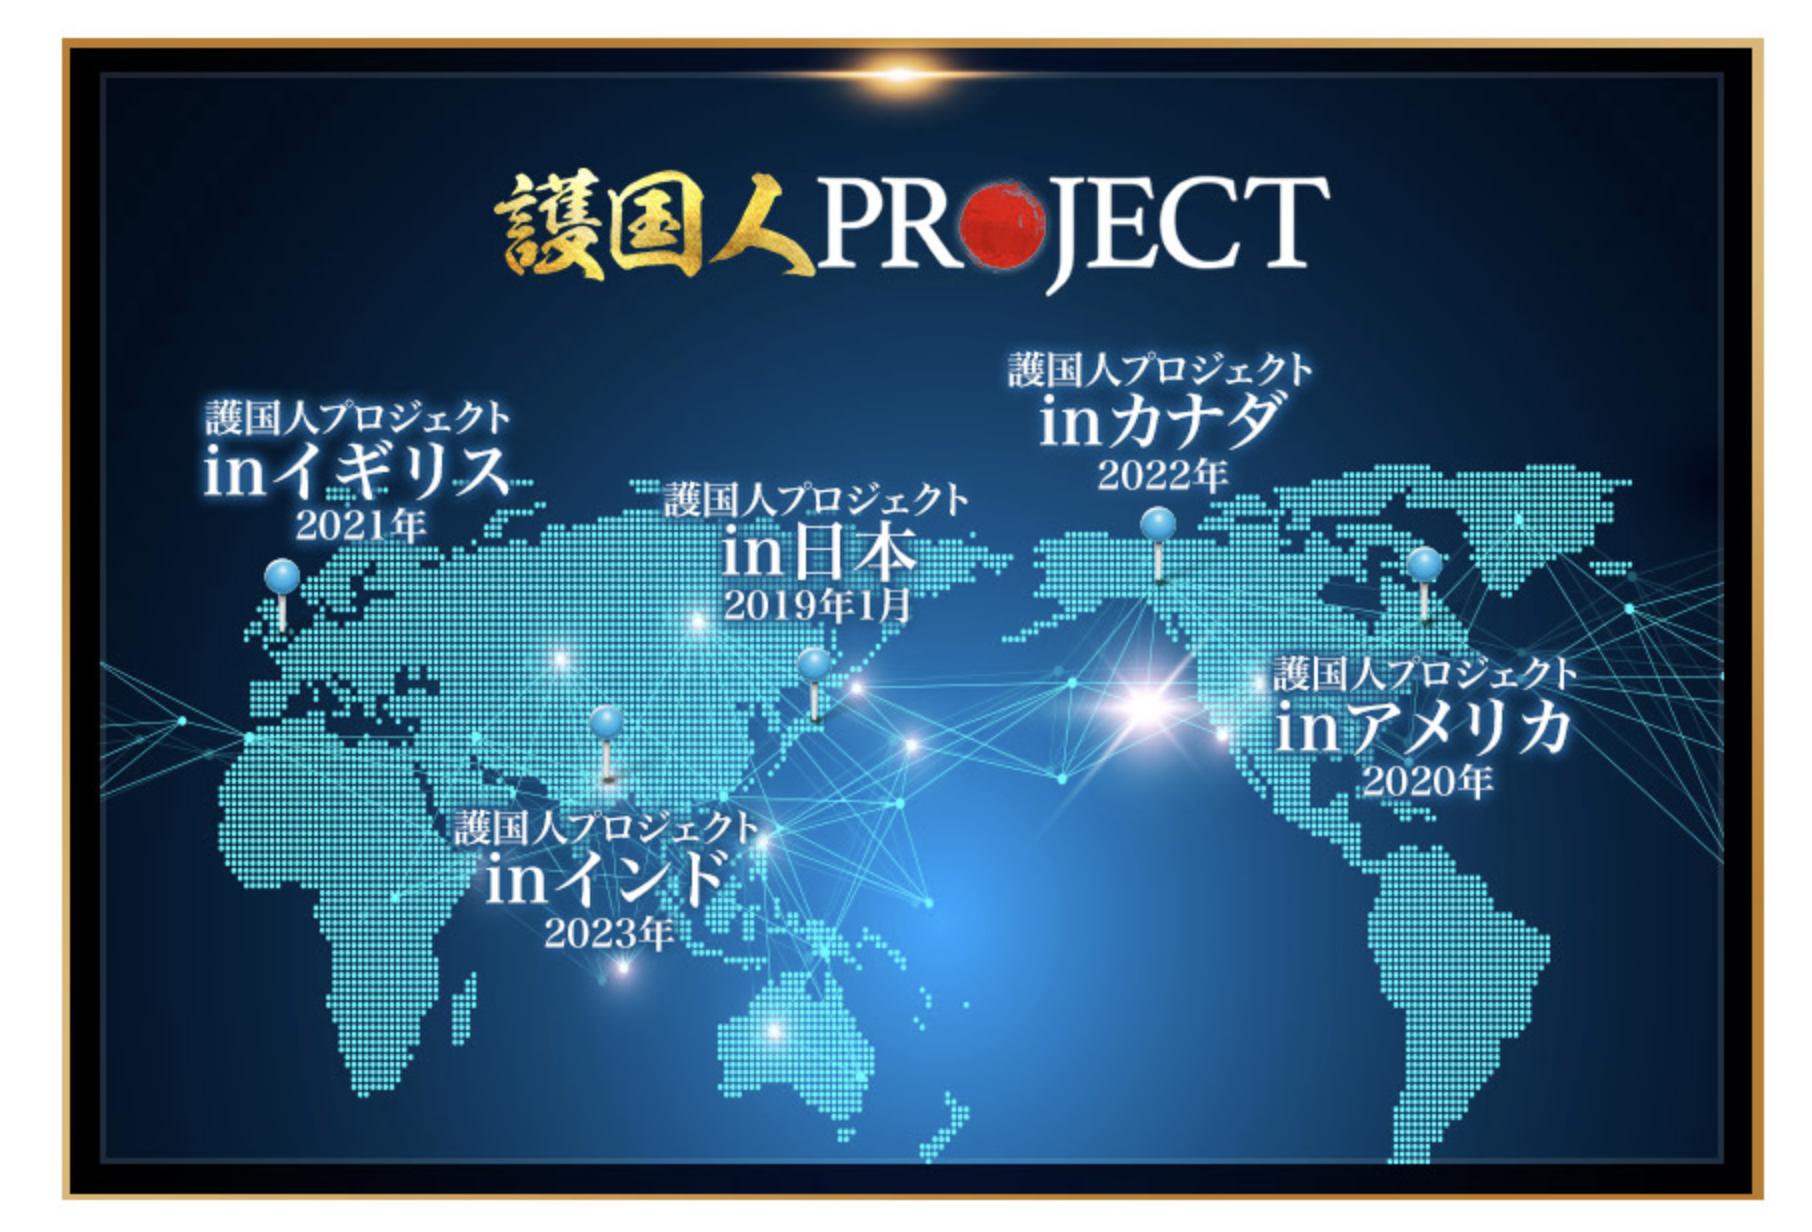 志賀恭介の護国人プロジェクト詳細